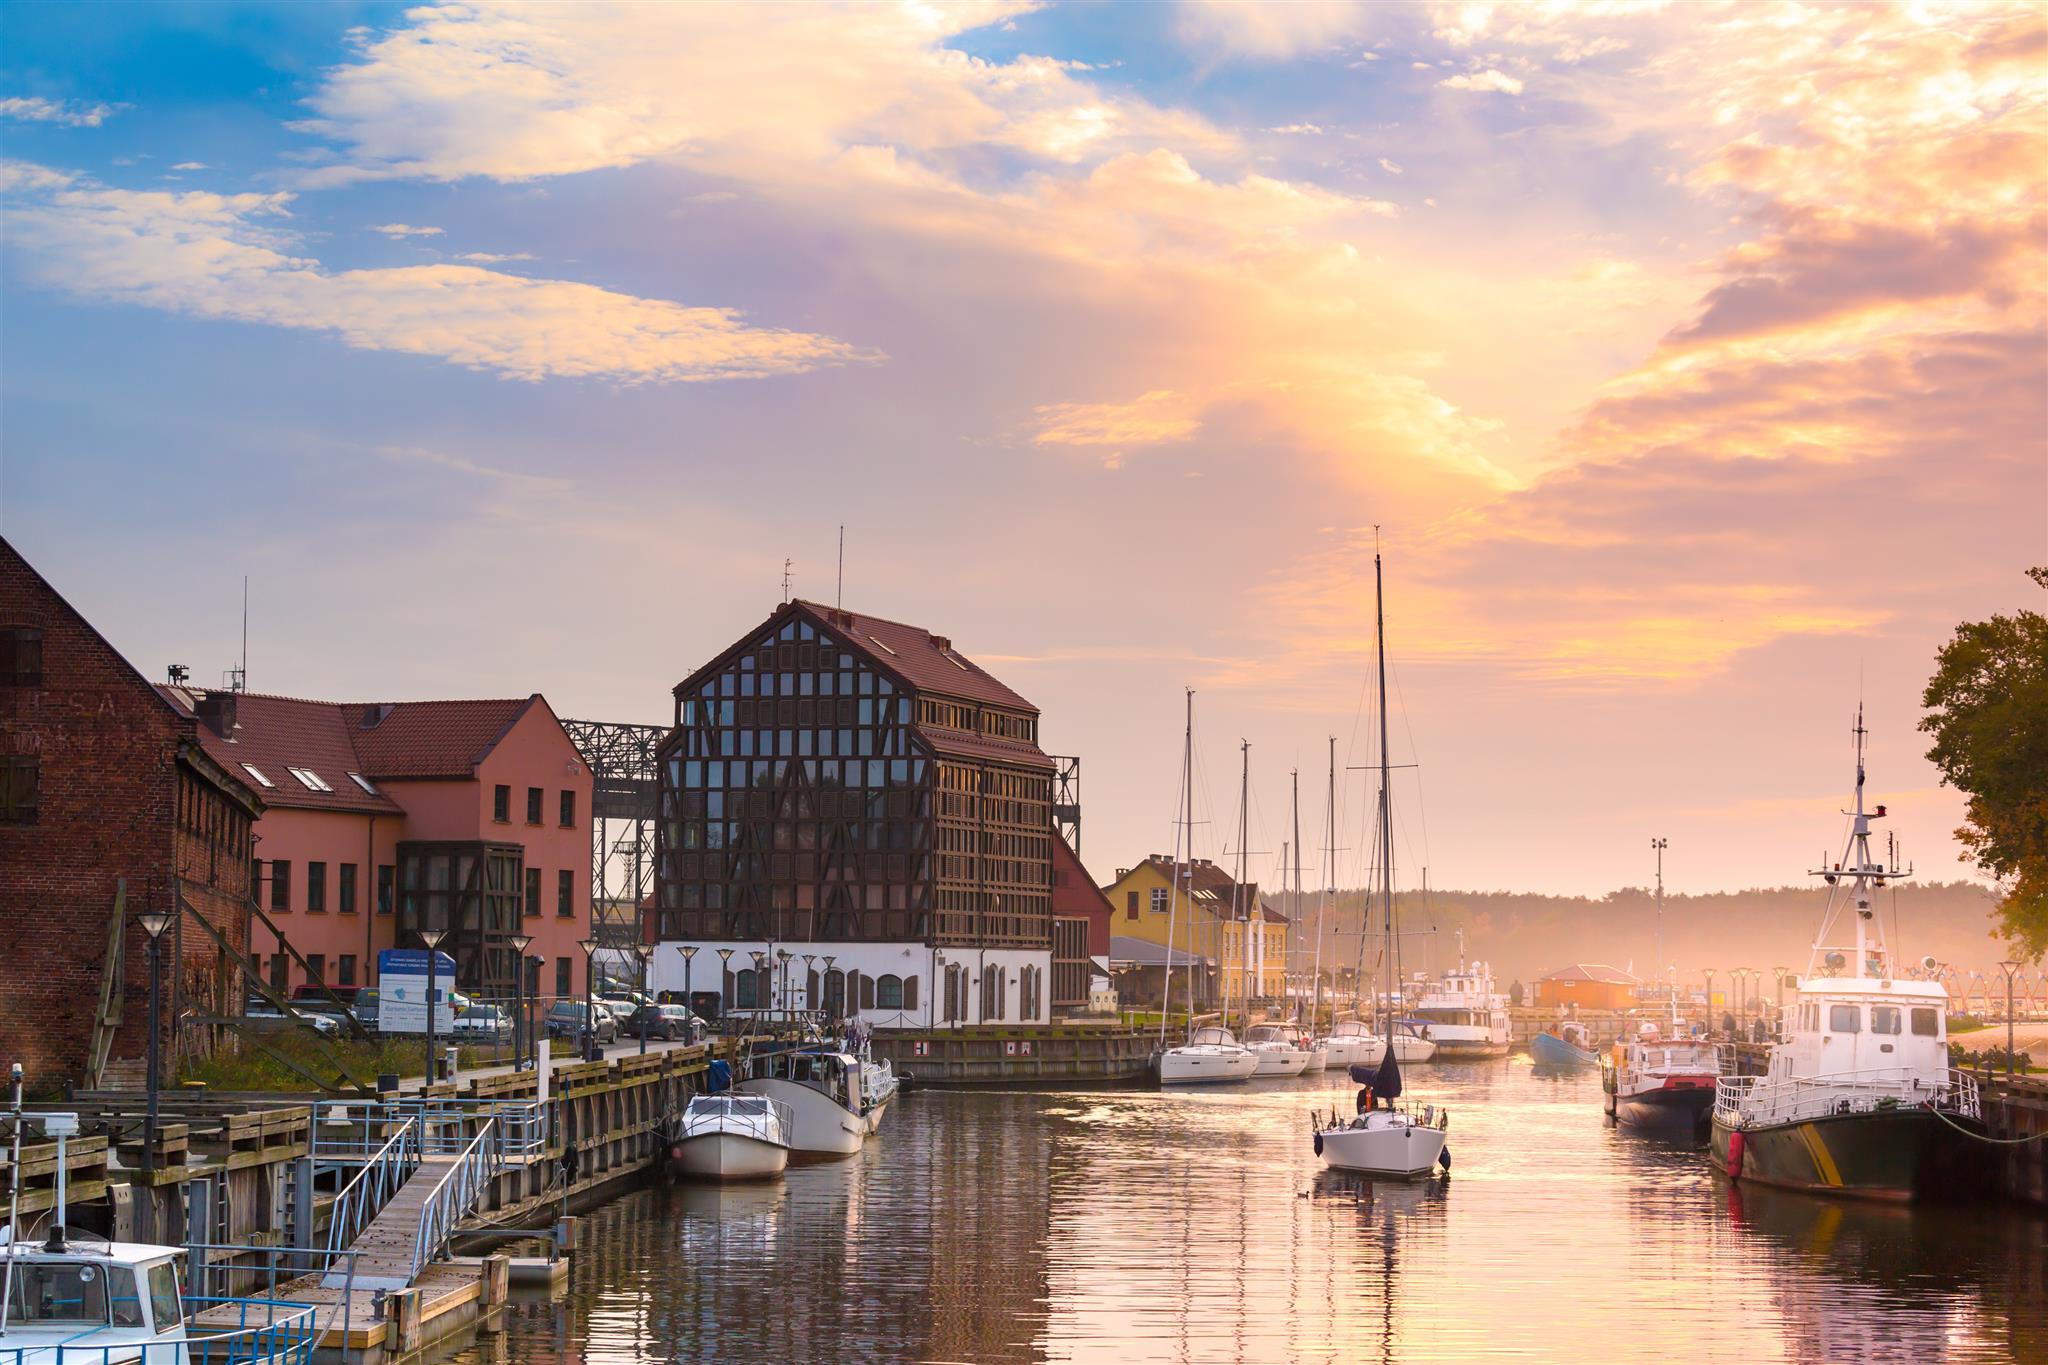 Klaipėdos turizmo centro vadovė: esu užtikrinta, kad ši nauja erdvė bus populiarumo viršūnėje